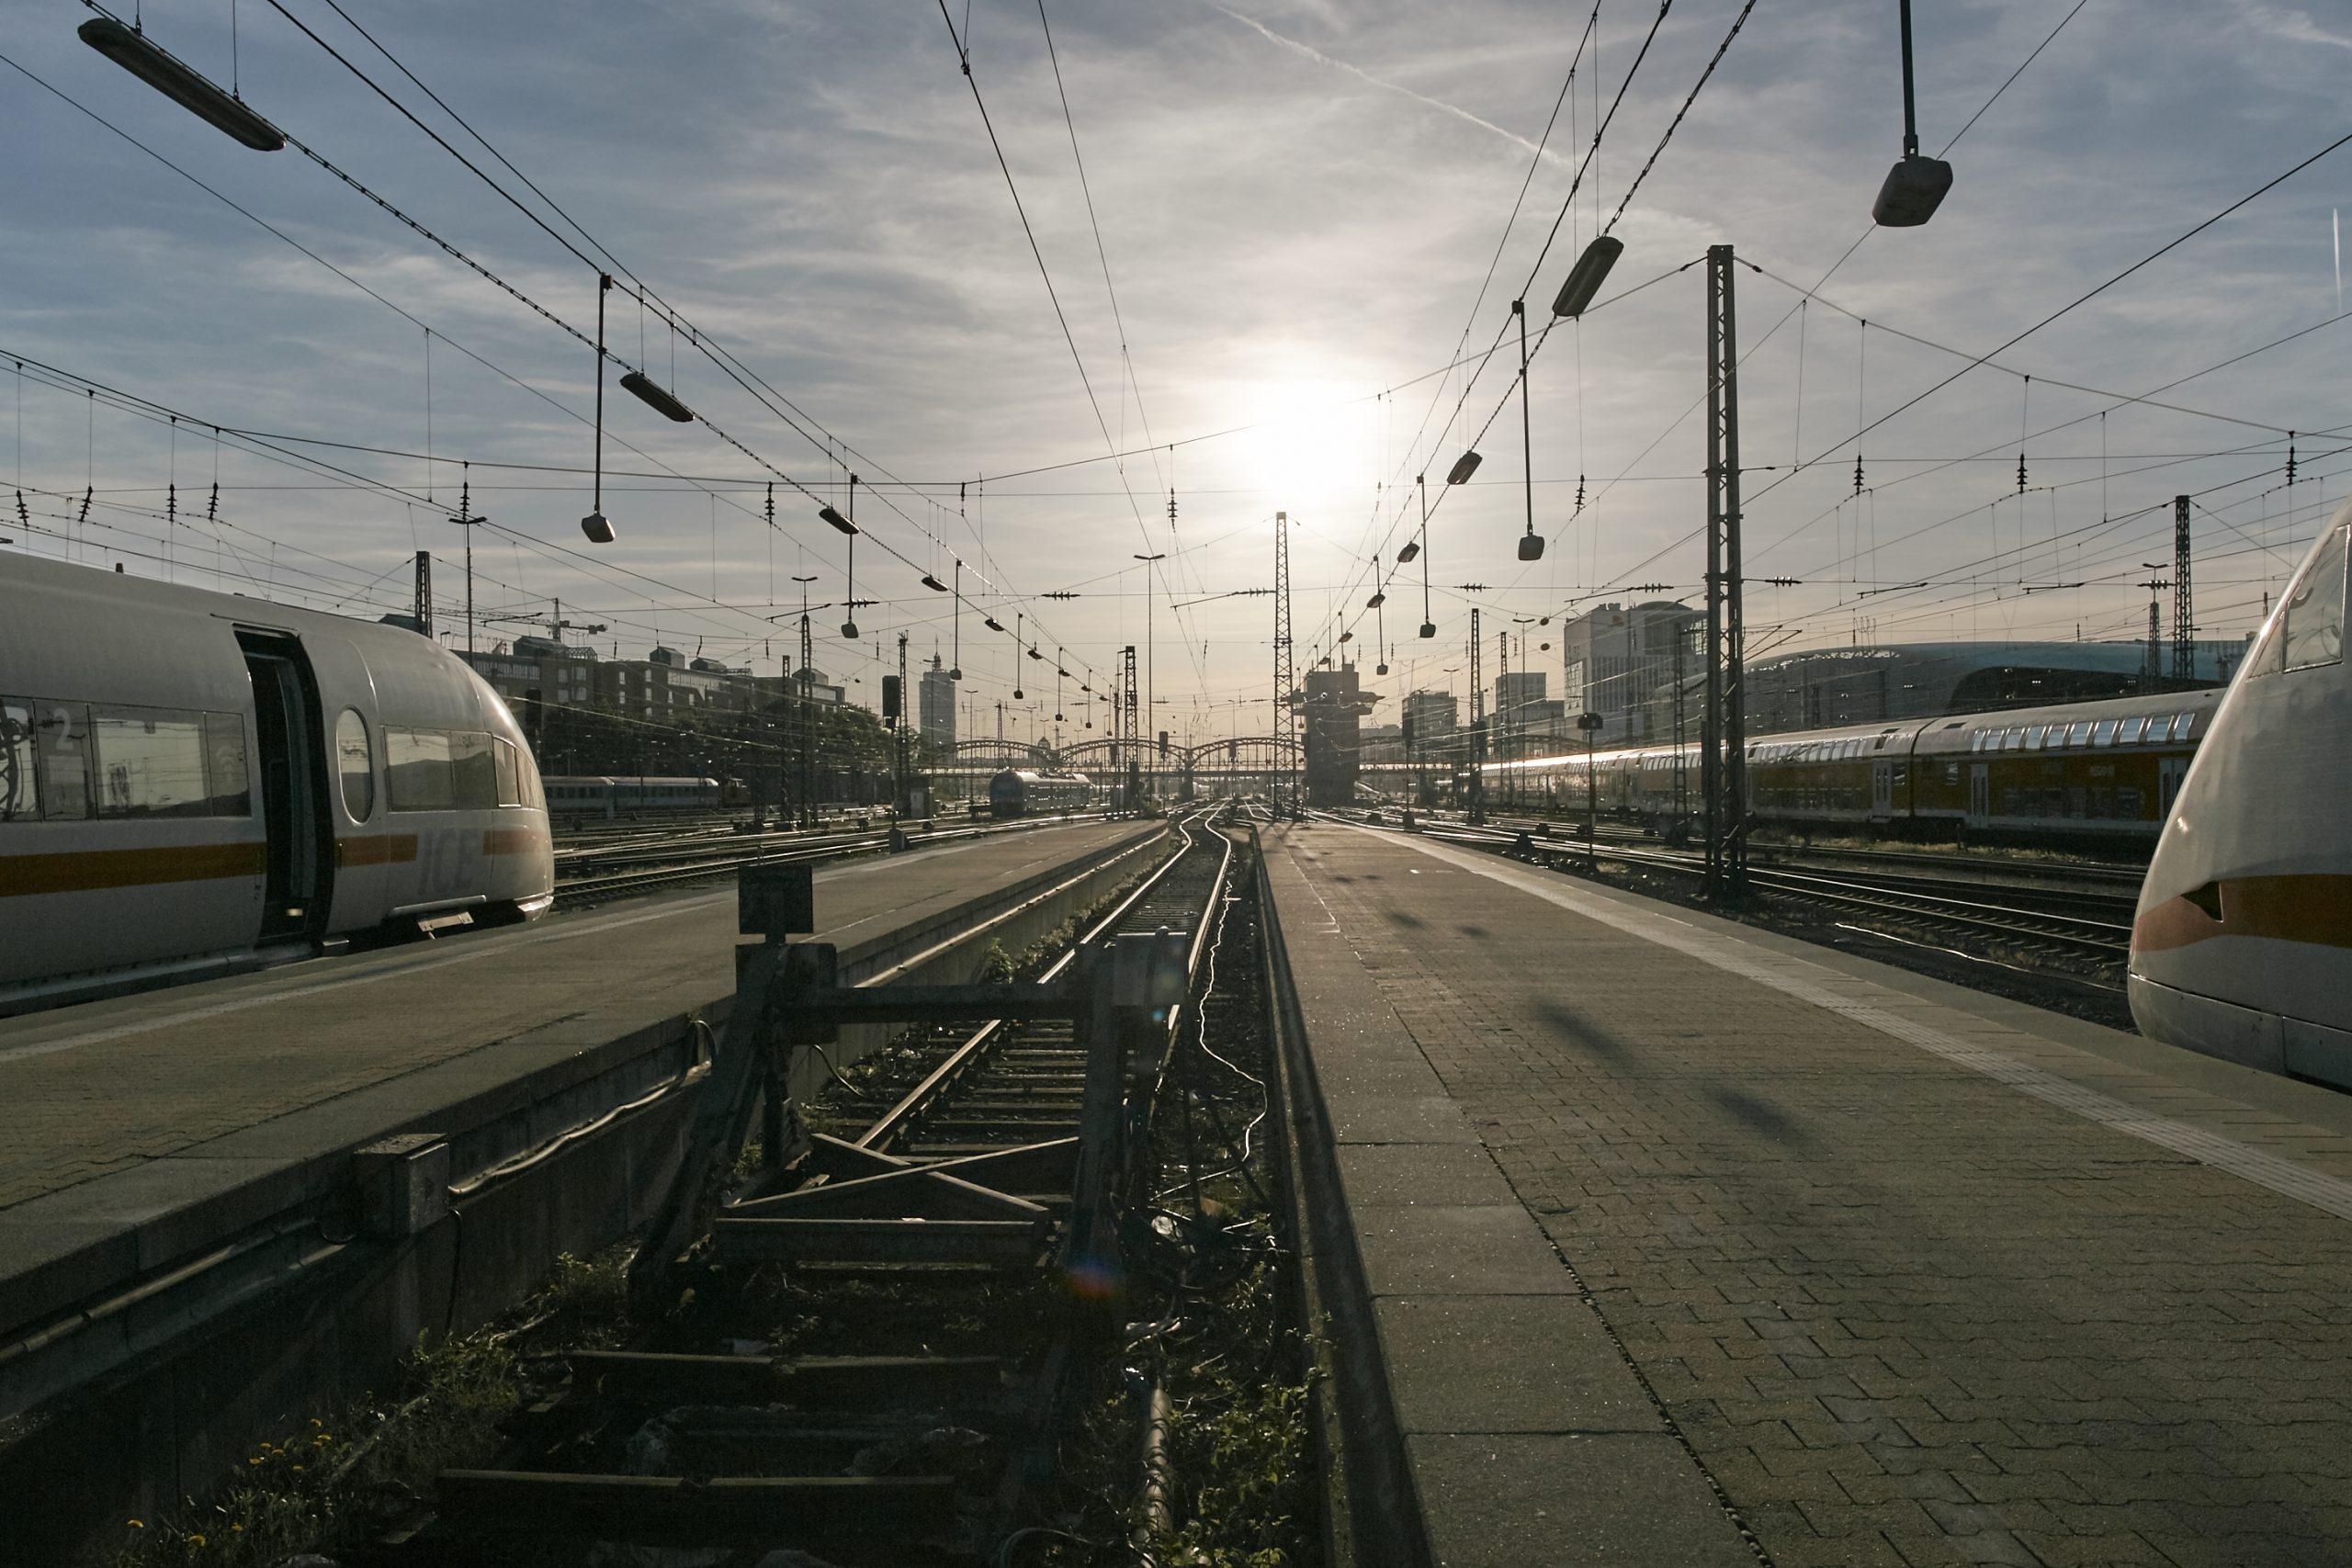 Bahnhof, München, Trains, ICE, Gegenlicht, Weitwinkel